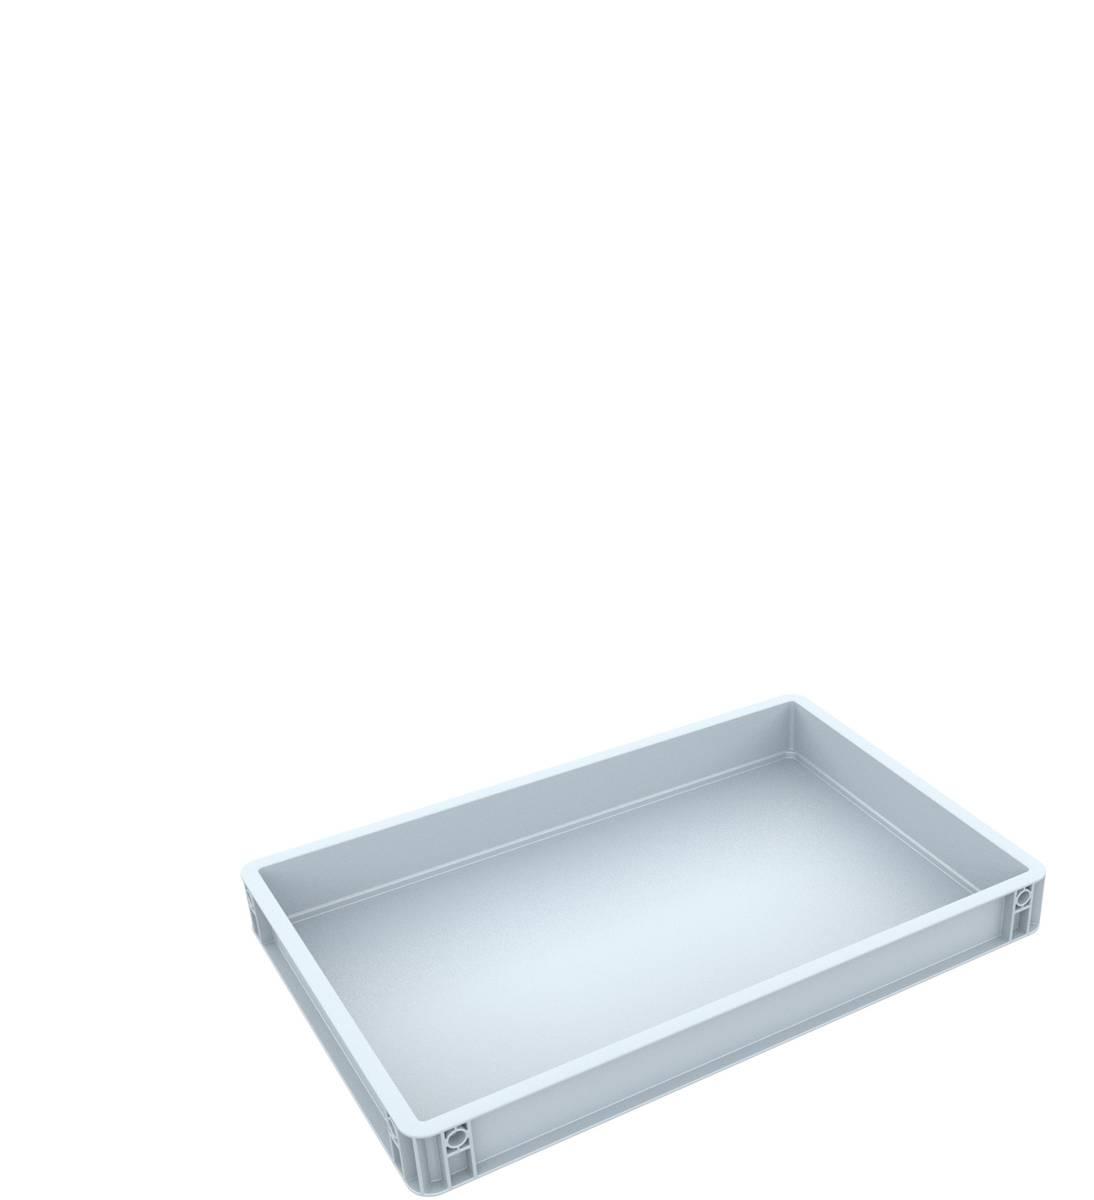 DSEB060X Eurobehälter / Euro Box EG 64/75 HG